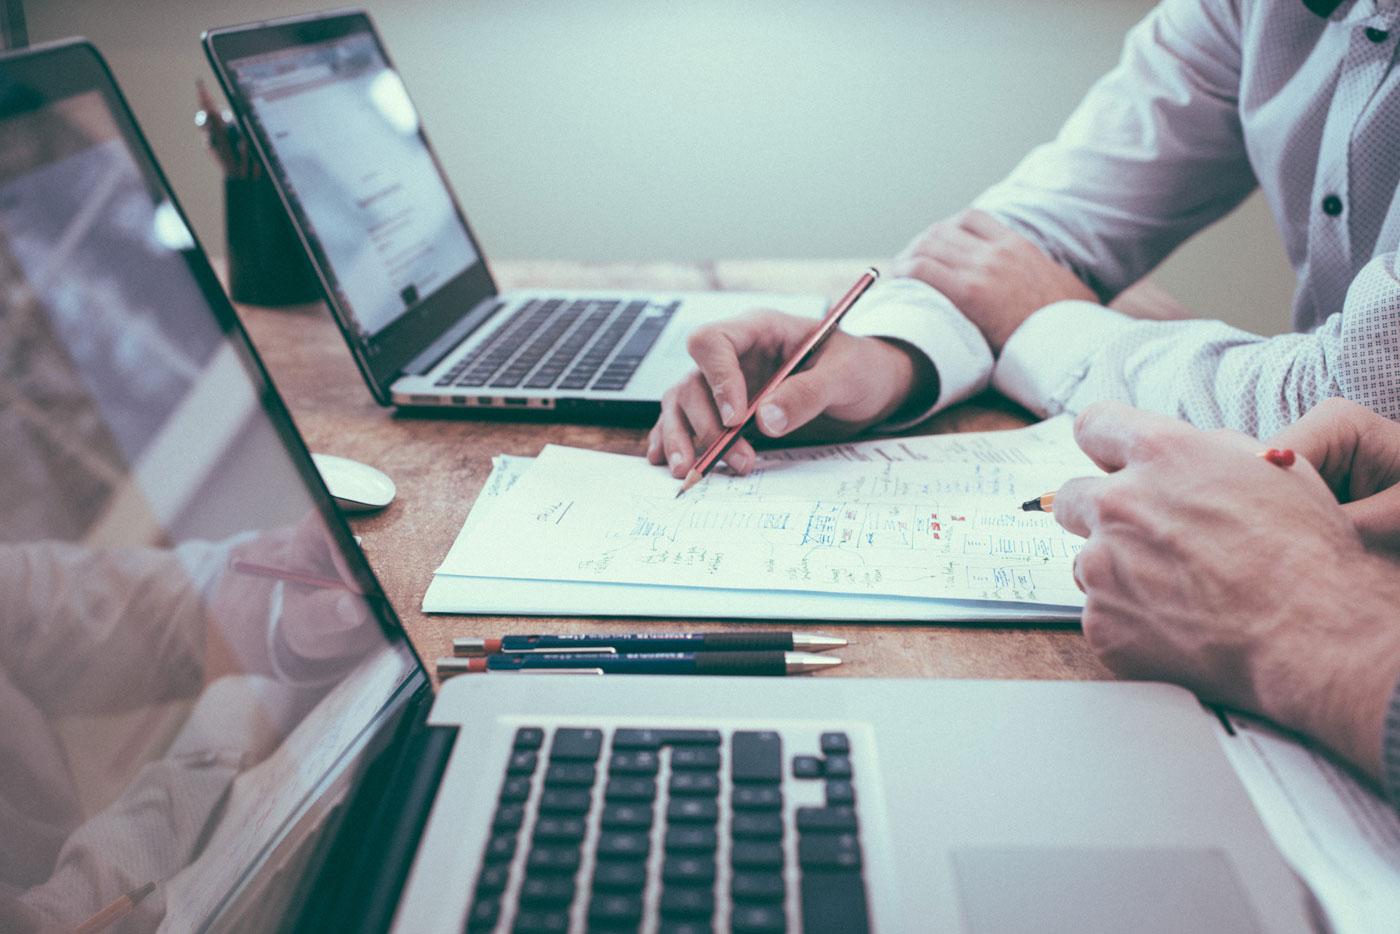 Geschäftsidee, Idee, Startup, Gründer, Umsetzung Idee, Umsetzung Geschäftsidee, Ideenphase, Science4Life, Venture Cup